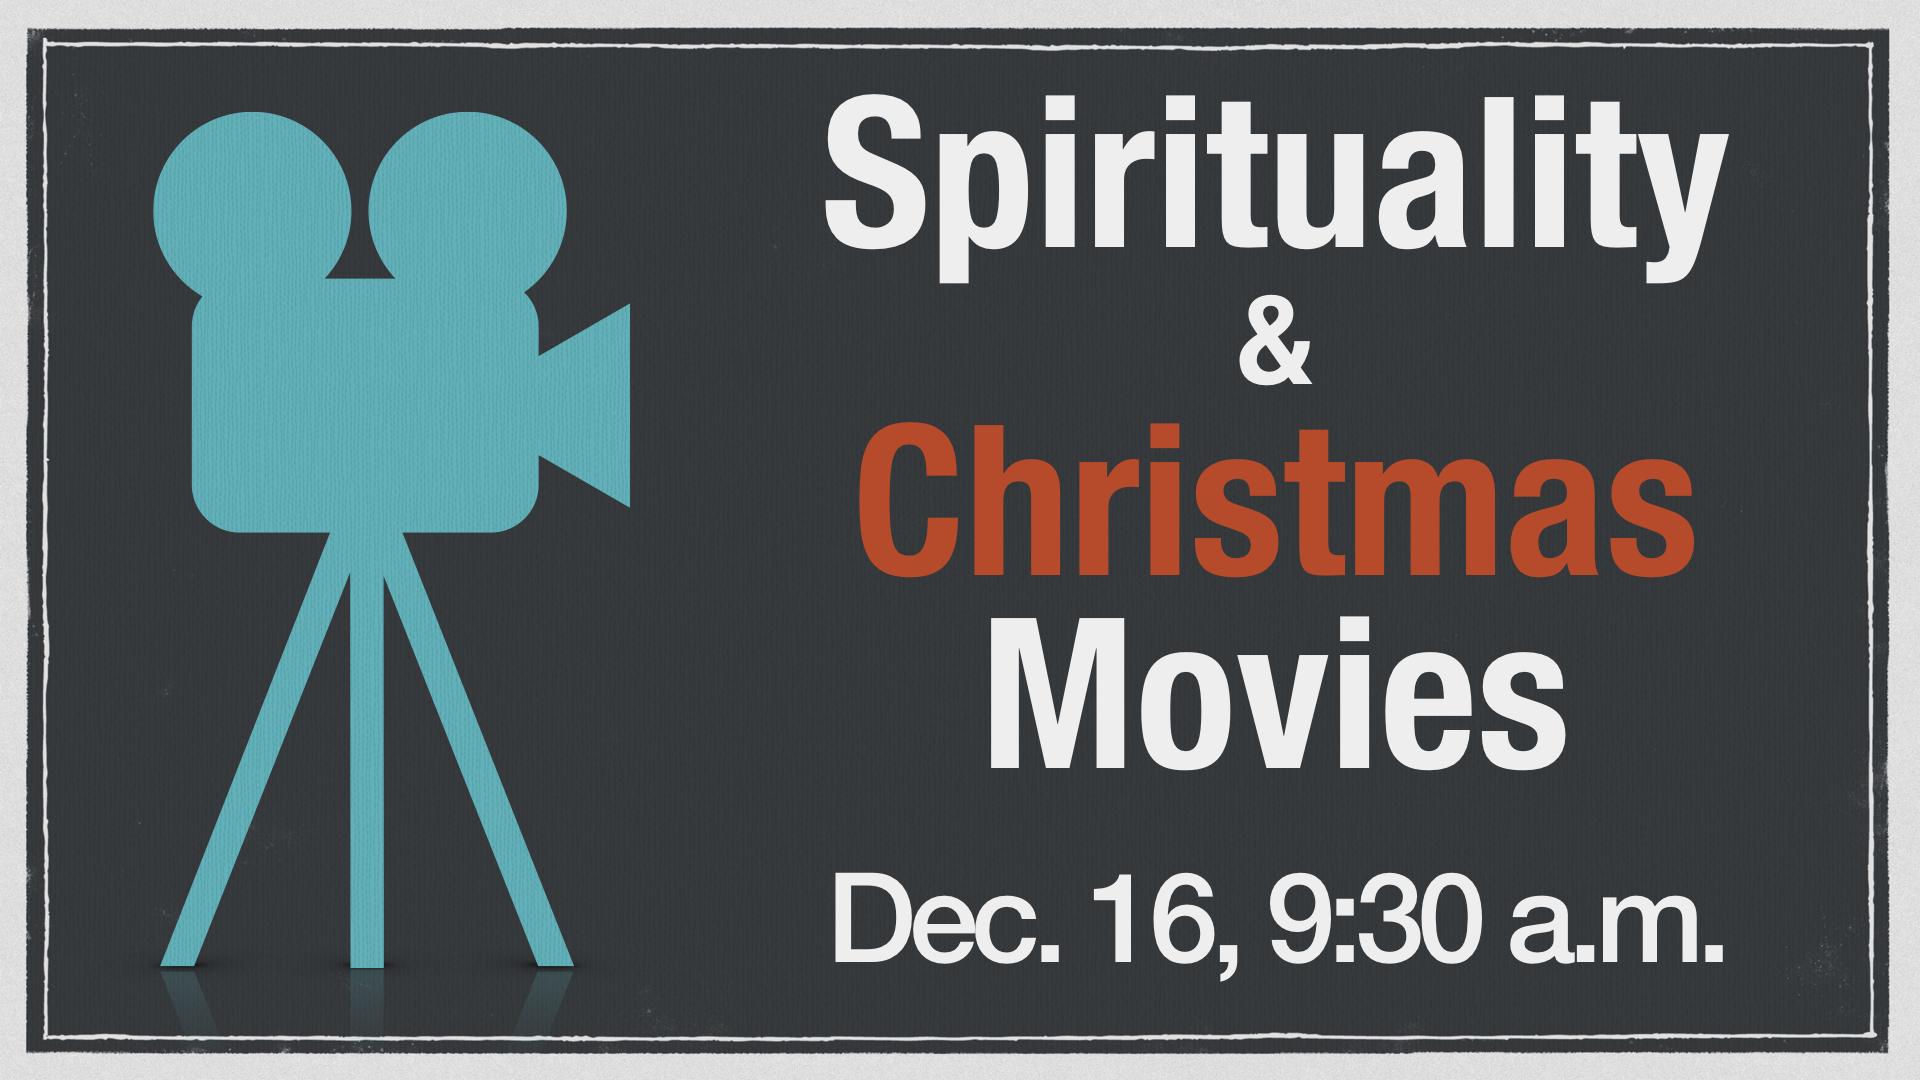 Spirituality and Christmas Movies